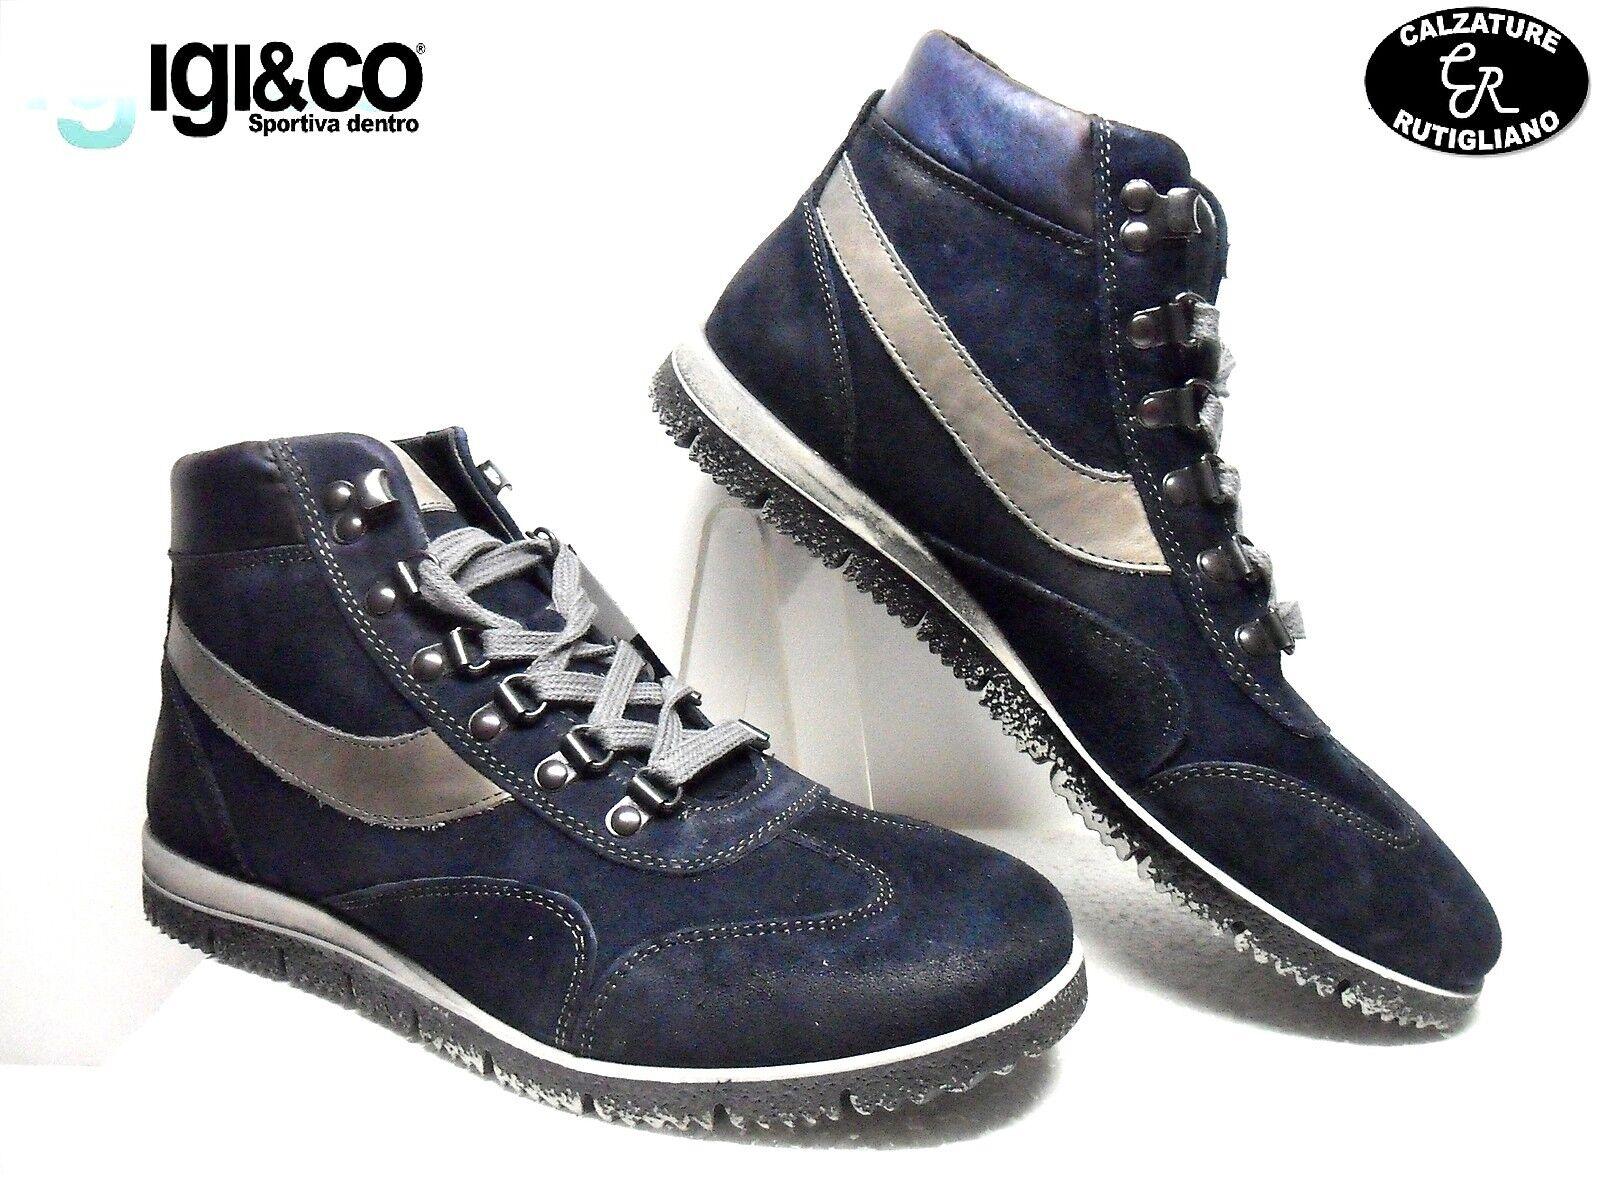 IGI & CO art.98031 00 zapatos hombres MODELLO SPORTIVO IN PELLE SCAMOSCIATA azul